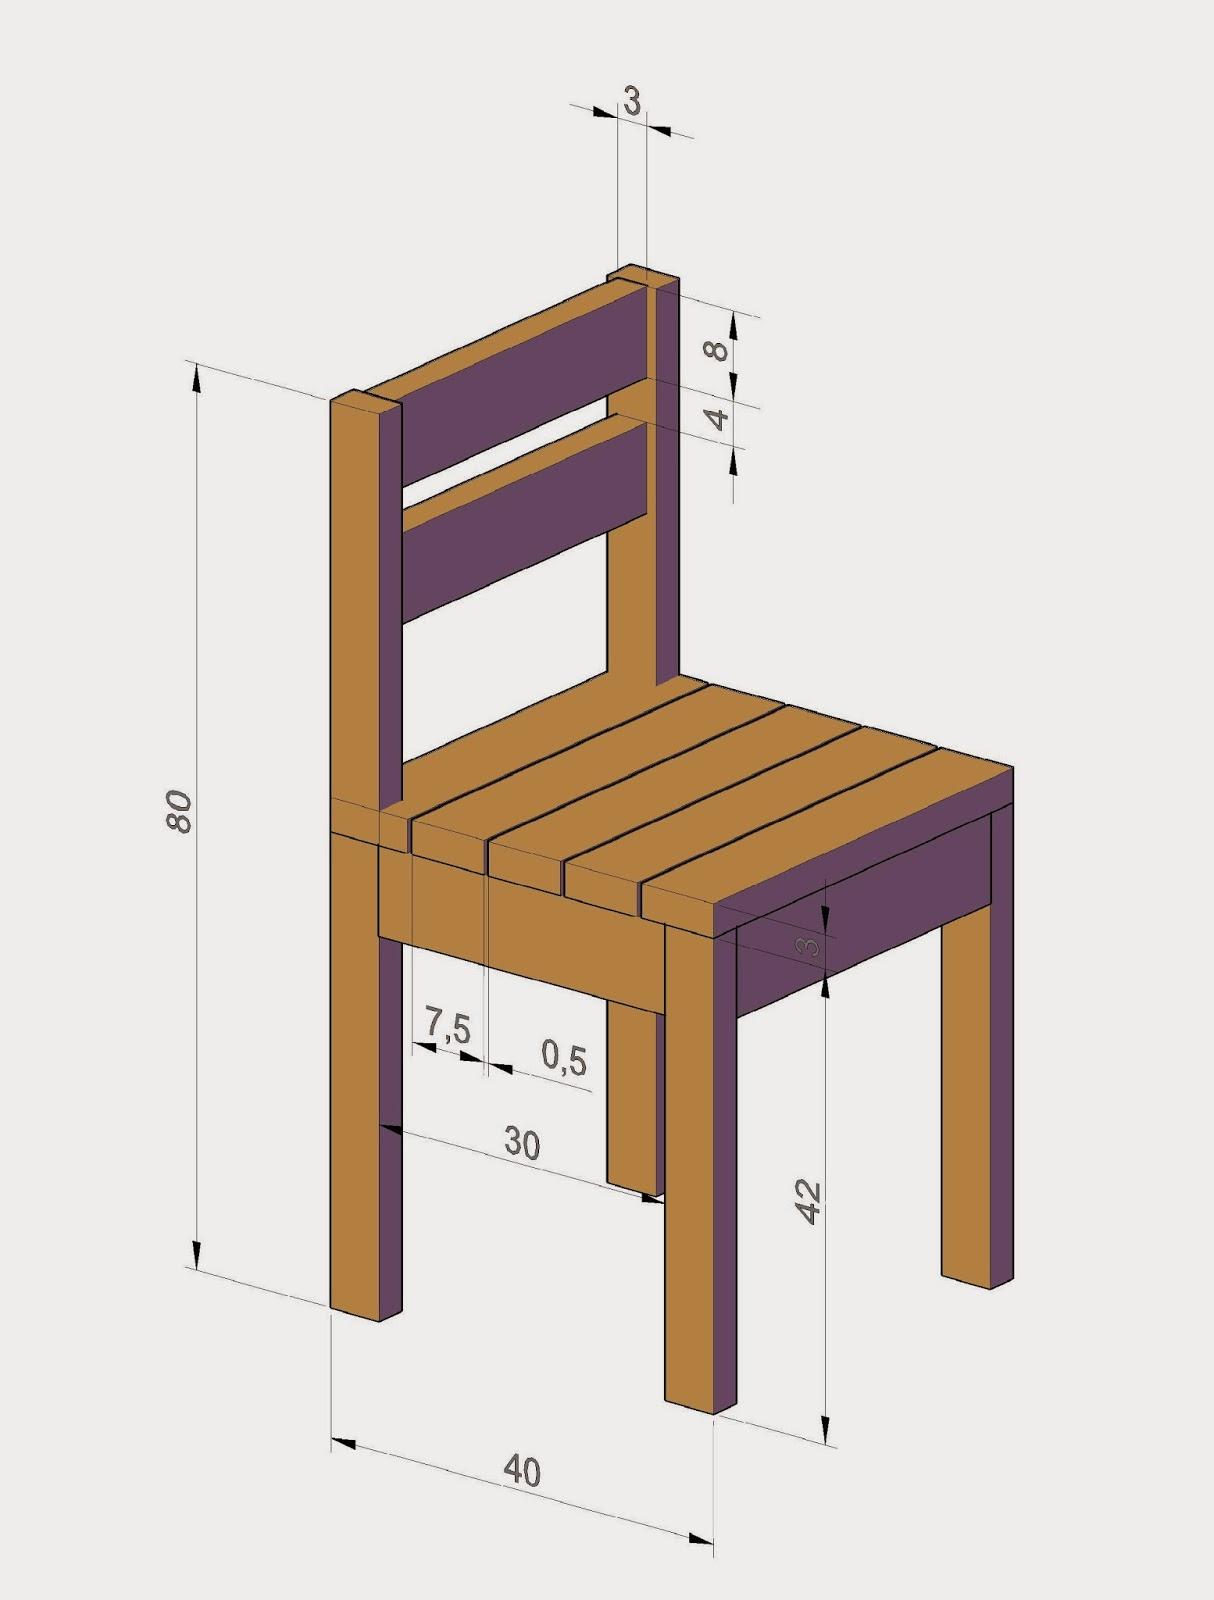 Aprende a dibujar con autocad ejercicio 3 una silla for Sillas para 3d max